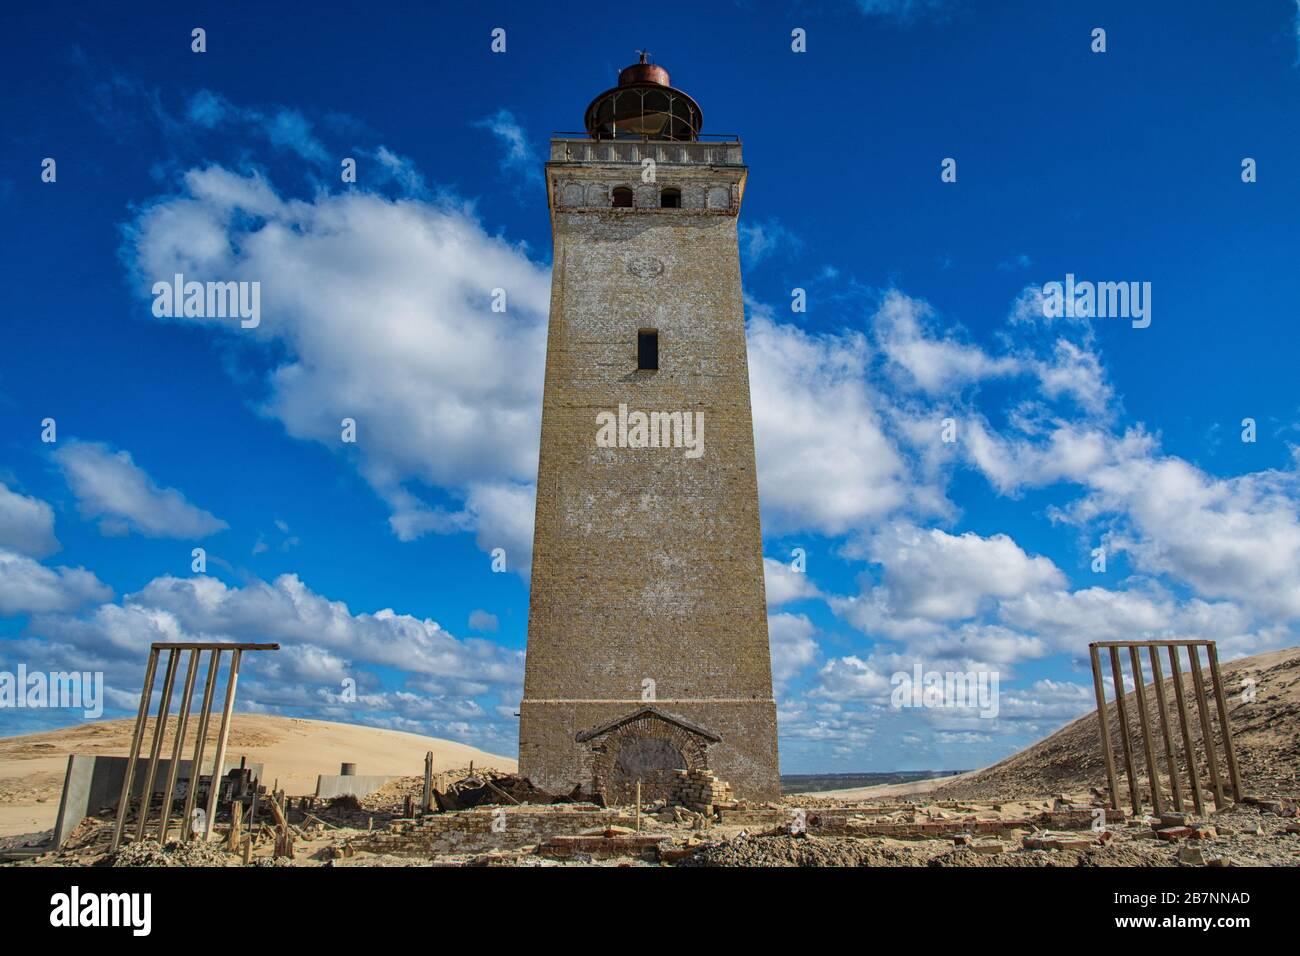 Der Leuchtturm Rubjerg Knade in Dänemark Stockfoto